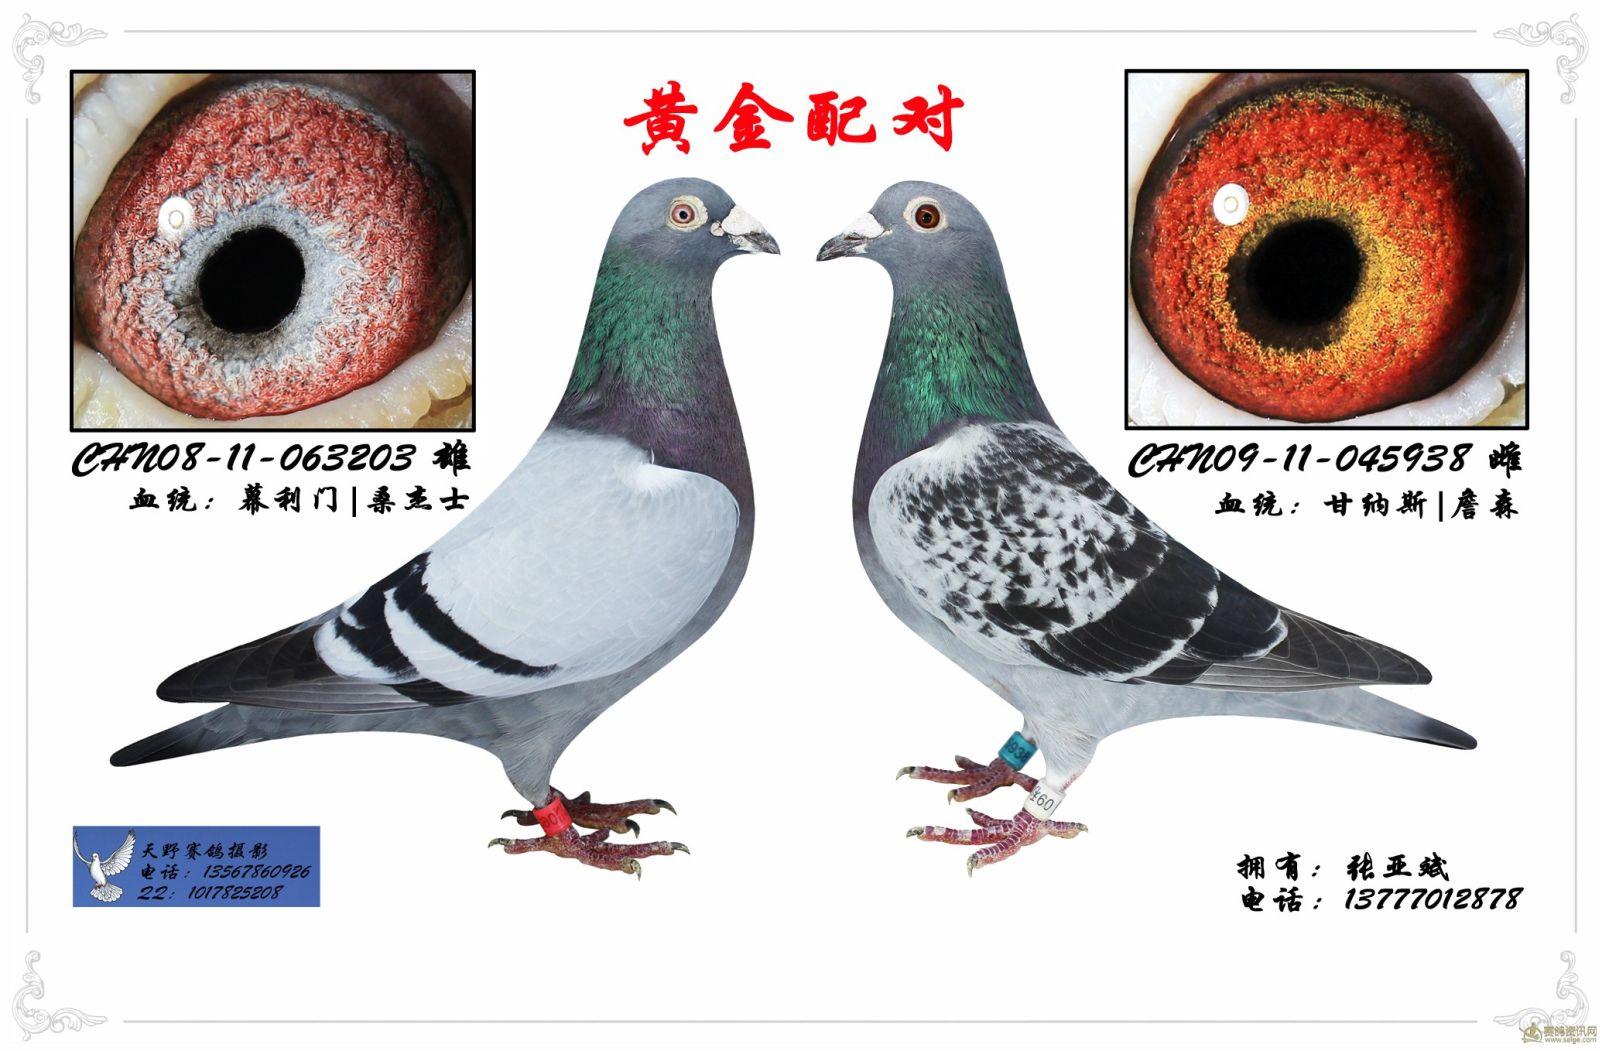 信鸽黄金配对图片最新图库 信鸽黄金配对图片 考夫曼信鸽配对图片